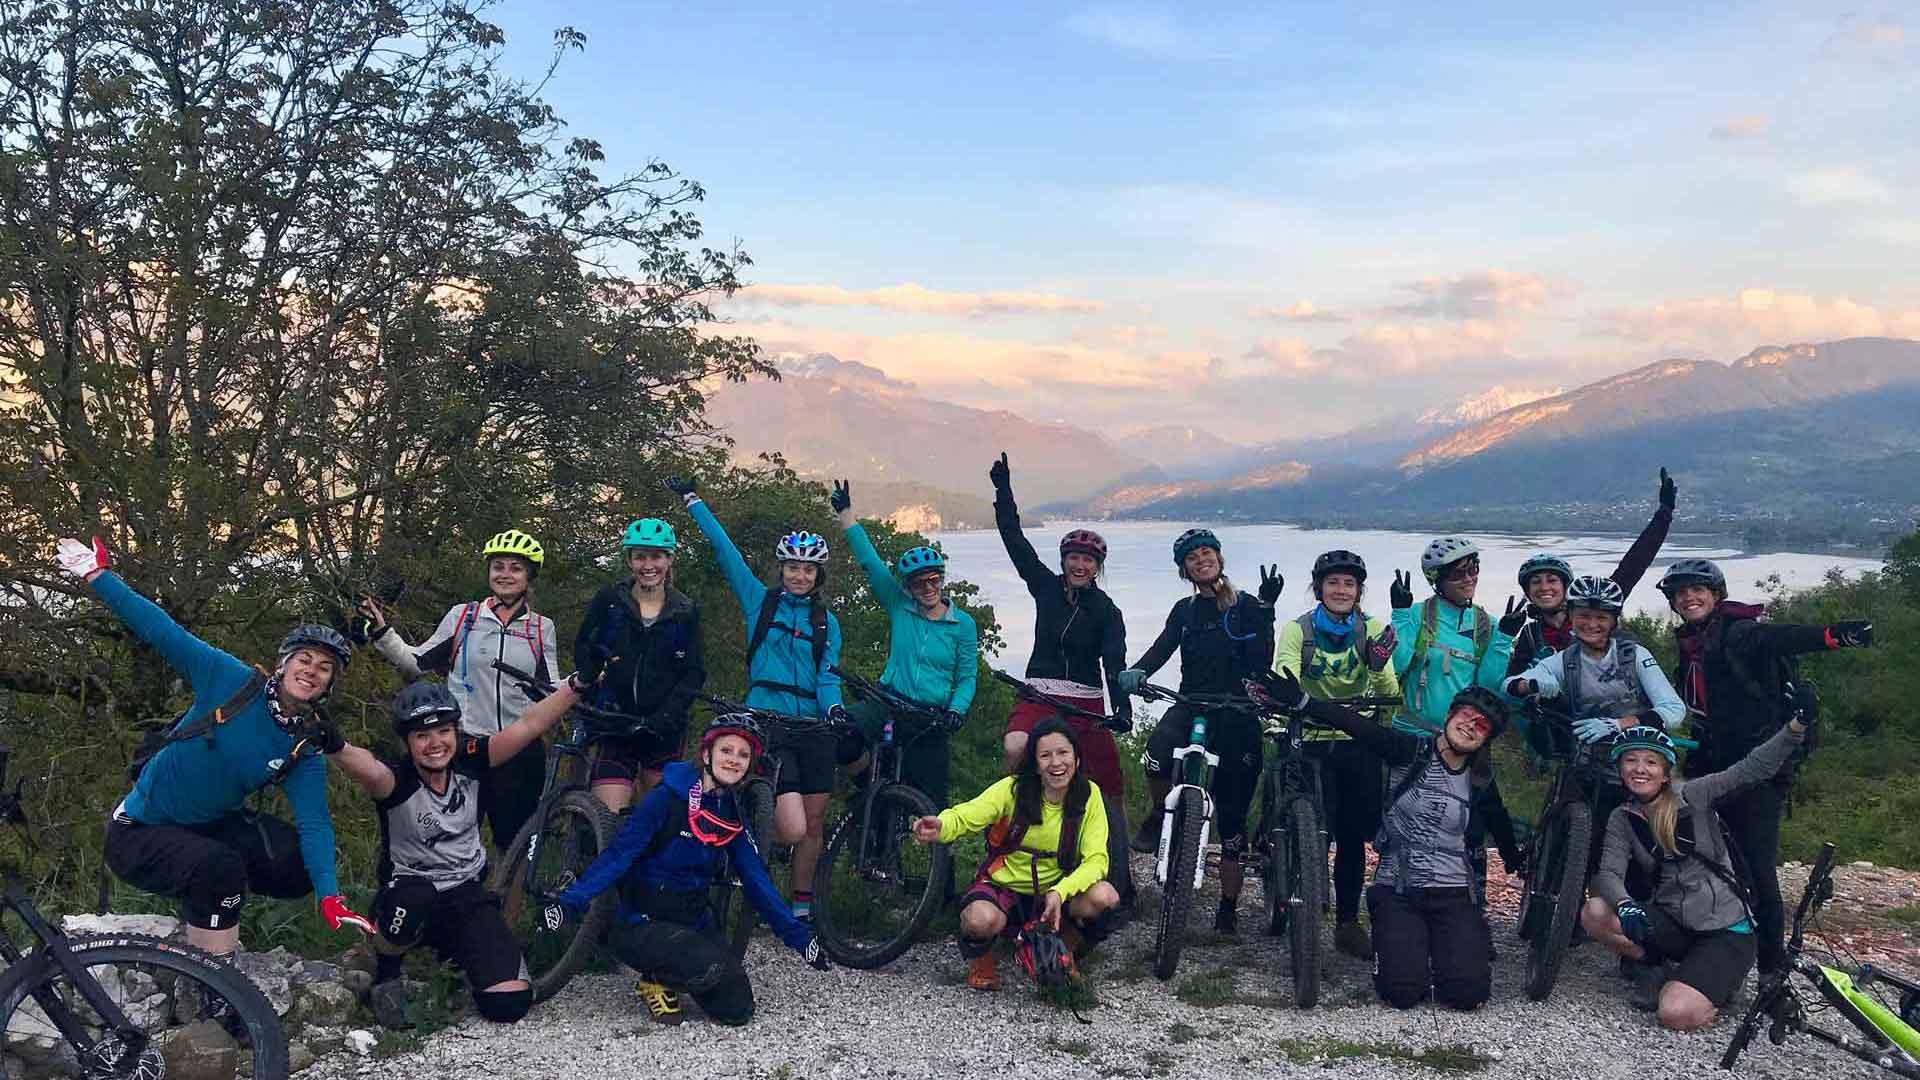 img-7-bikettes-team-club-vtt-velo-girl-fille-tous-niveaux